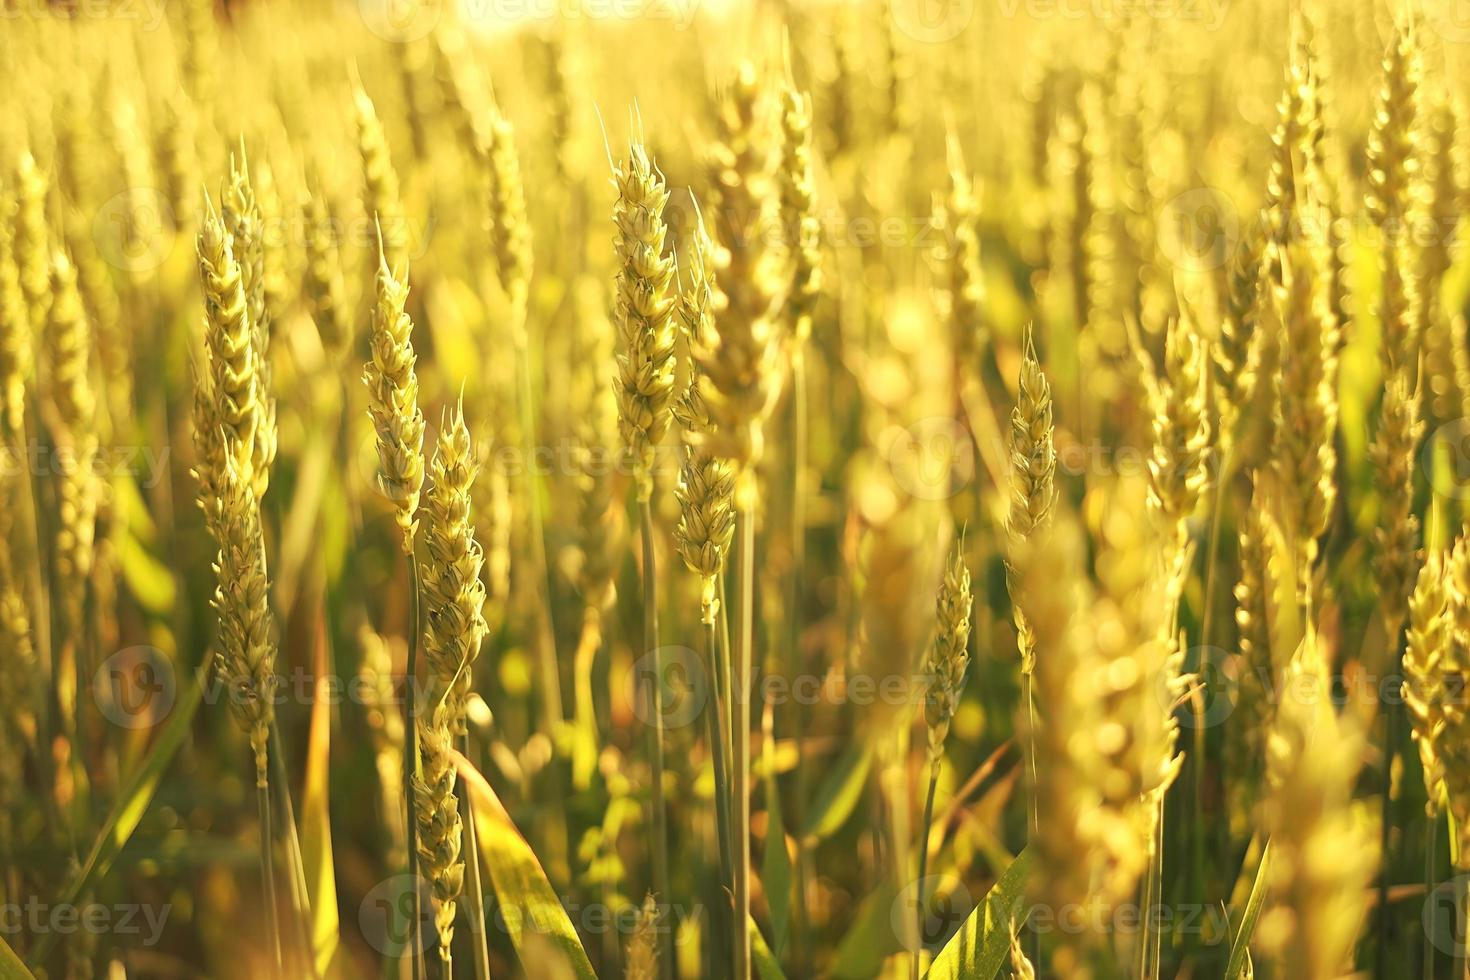 campo di grano al sole. foto